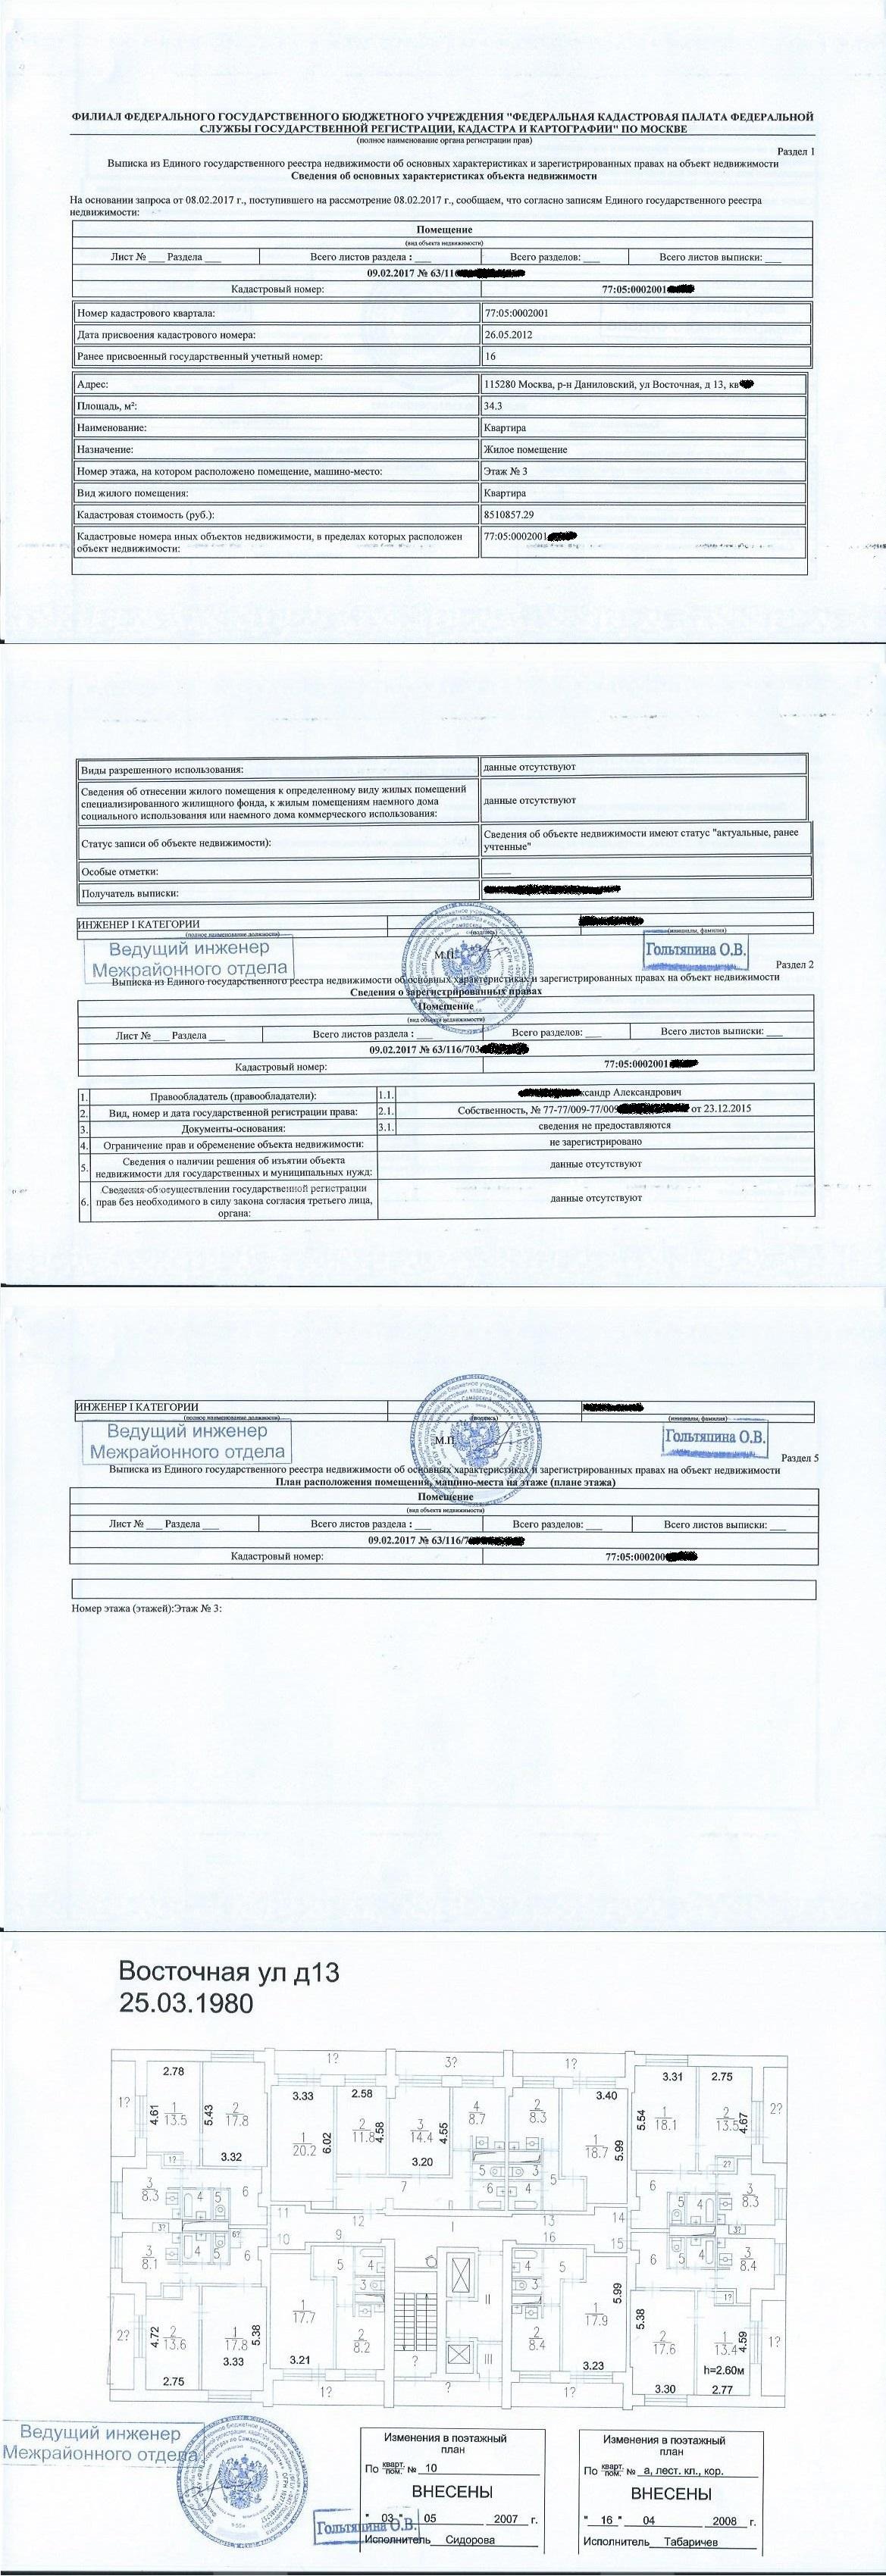 Выписка из ЕГРП (ЕГРН) онлайн. Официальные данные Росреестра